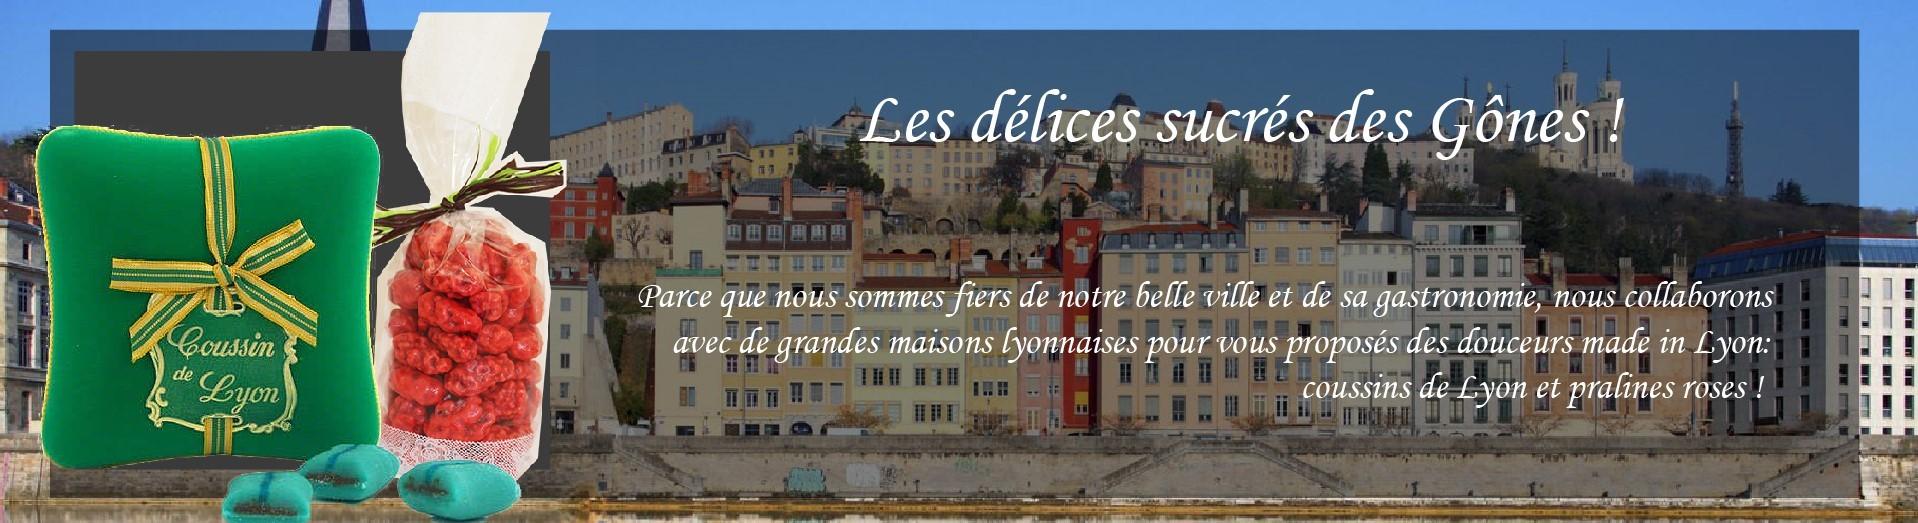 Les spécialités sucrées de Lyon à l'honneur chez Mirvine !